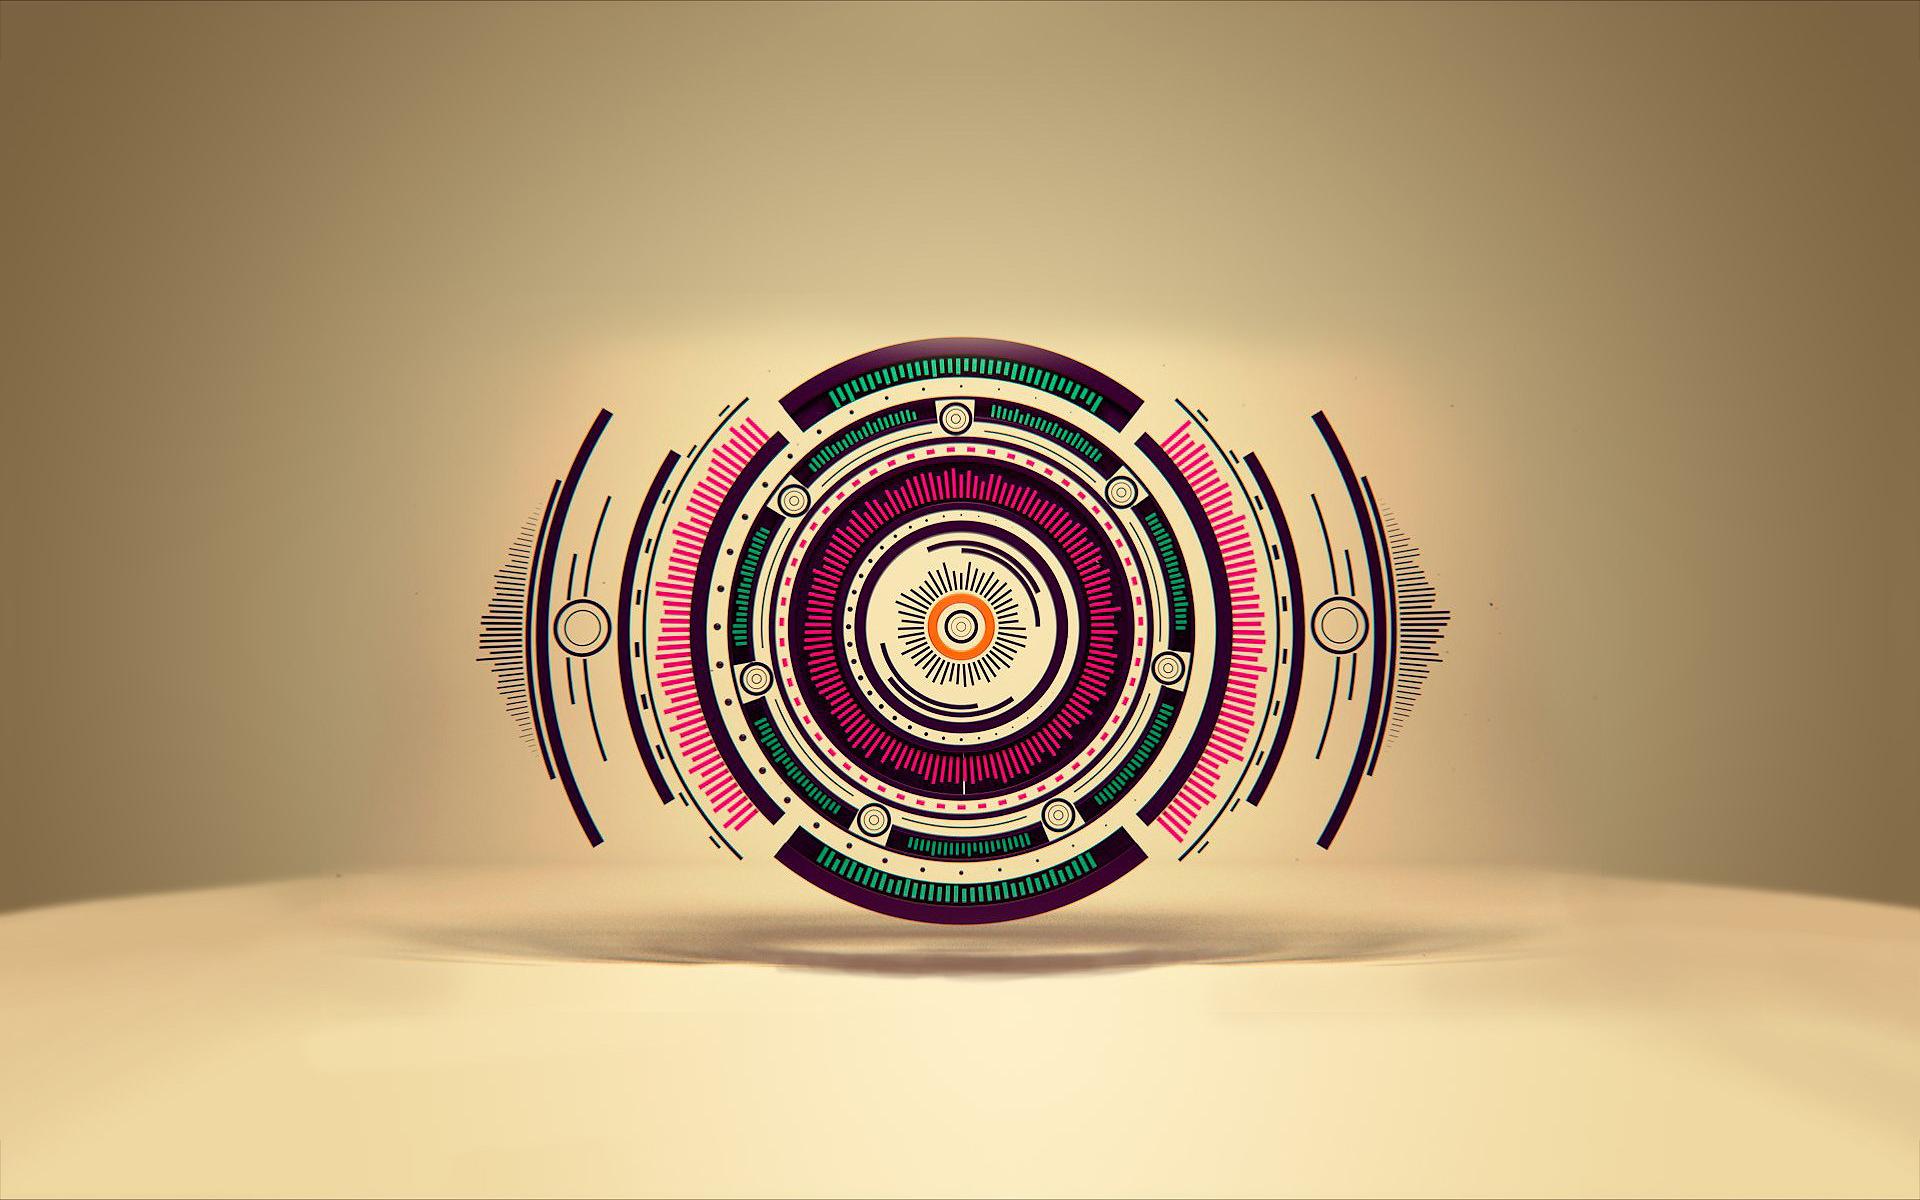 Inspiration circles